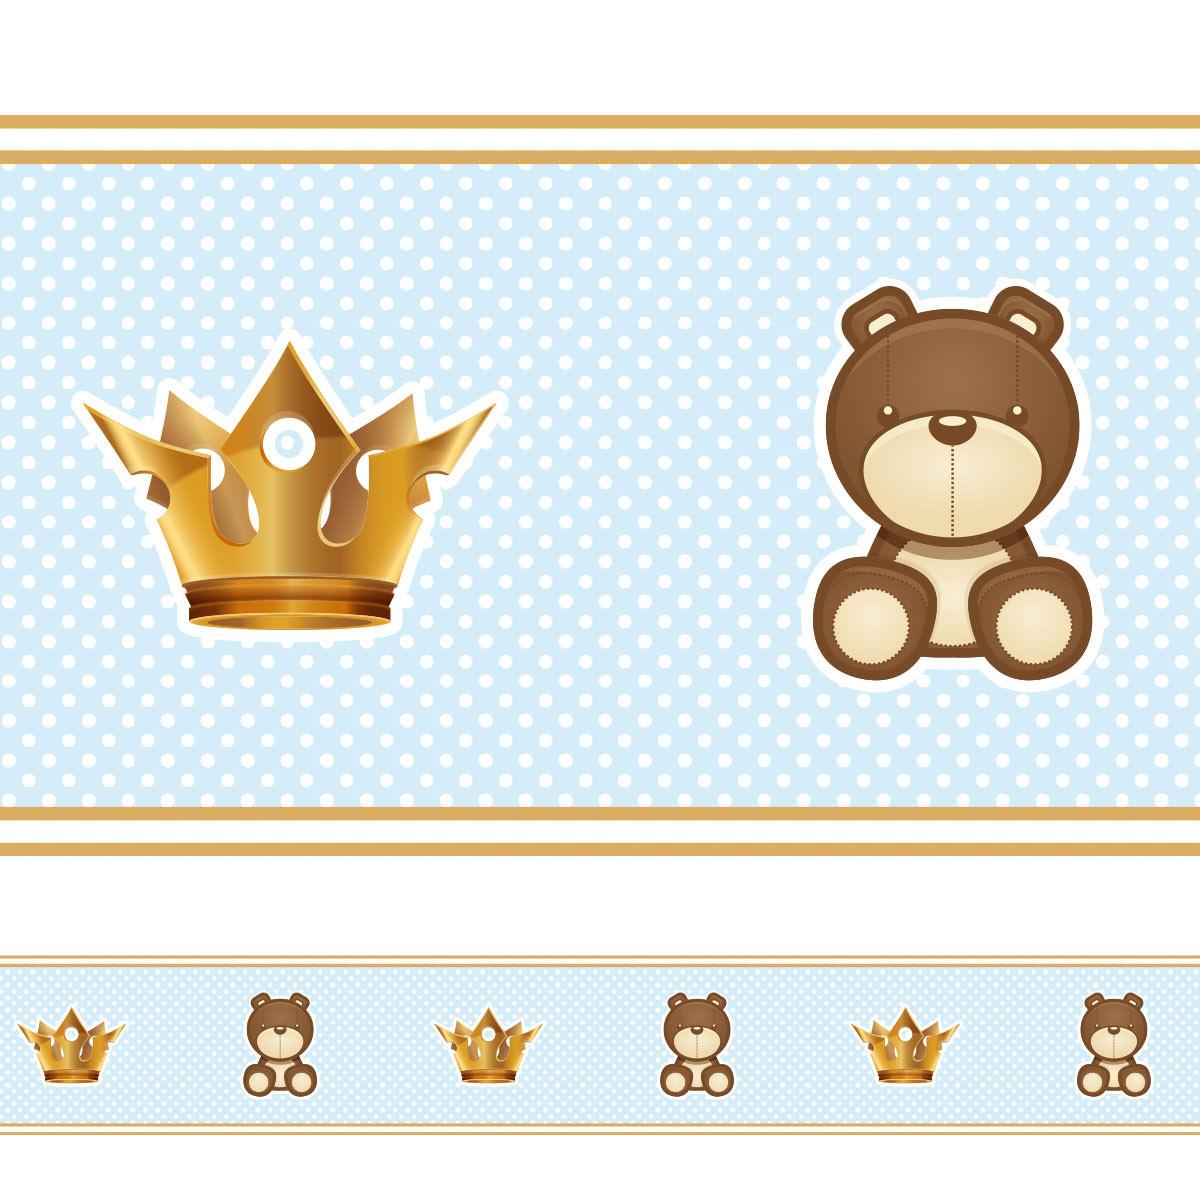 Faixa Decorativa Ursinho e Coroa - Azul